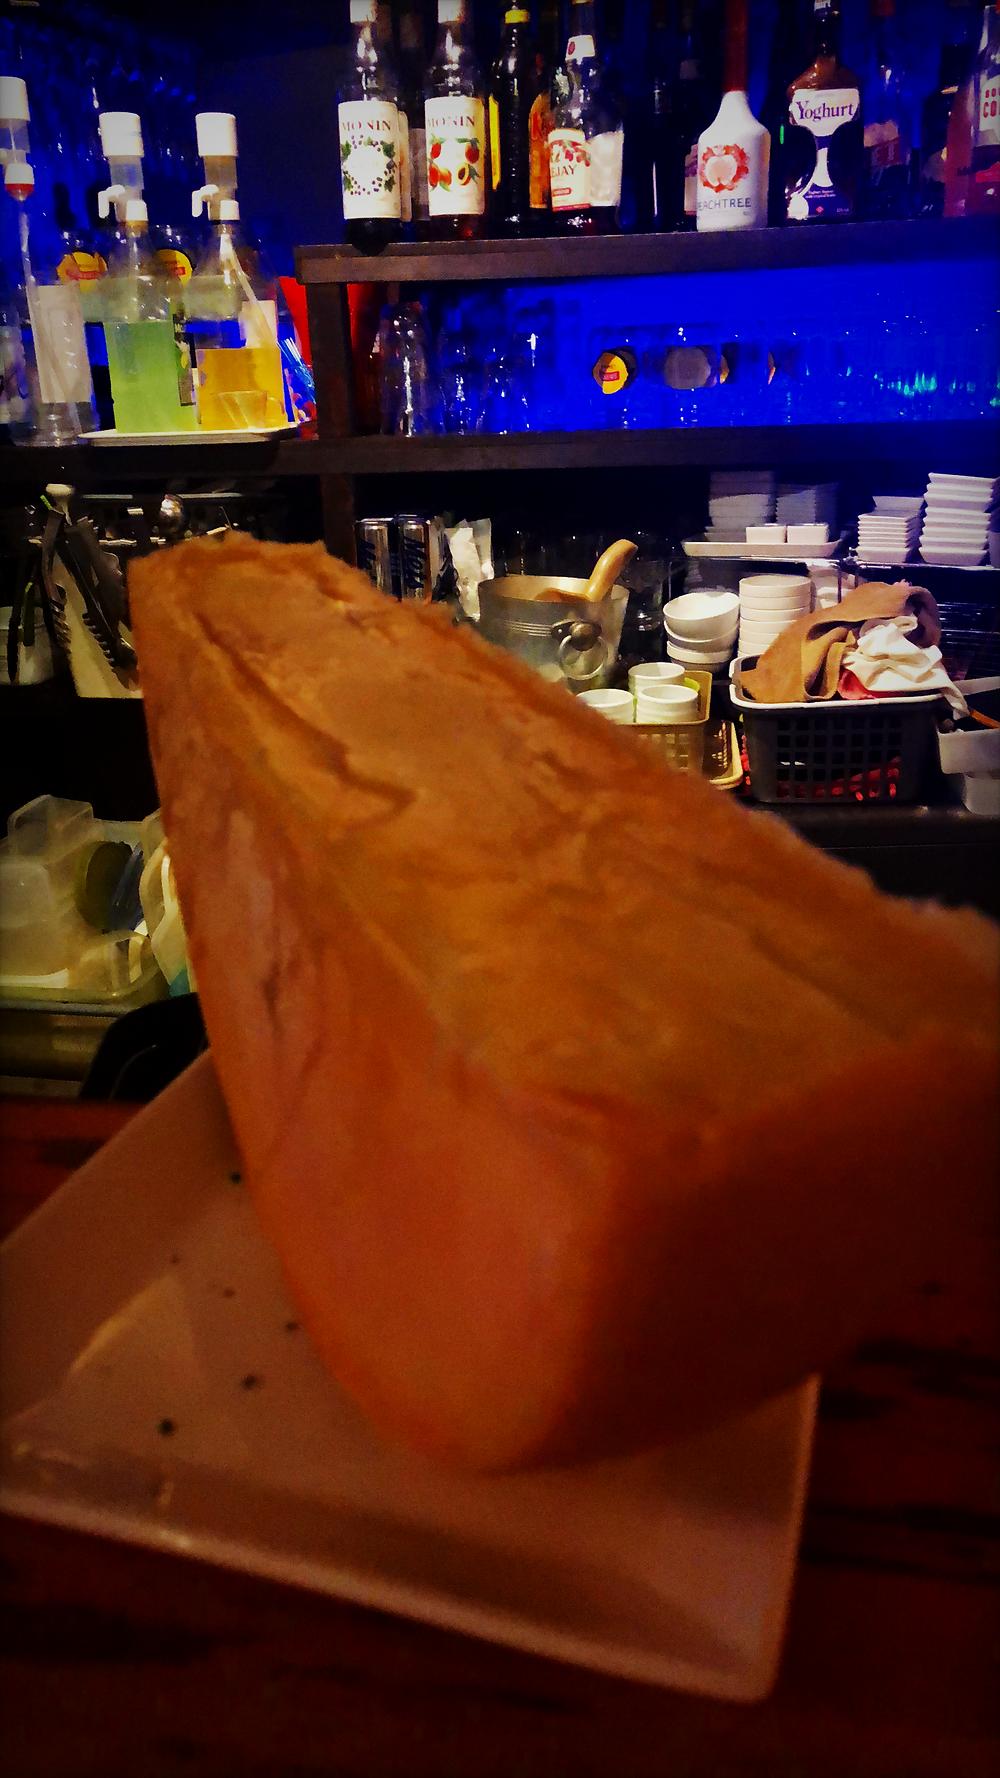 長崎 浜口 バール 明 ラクレットチーズ